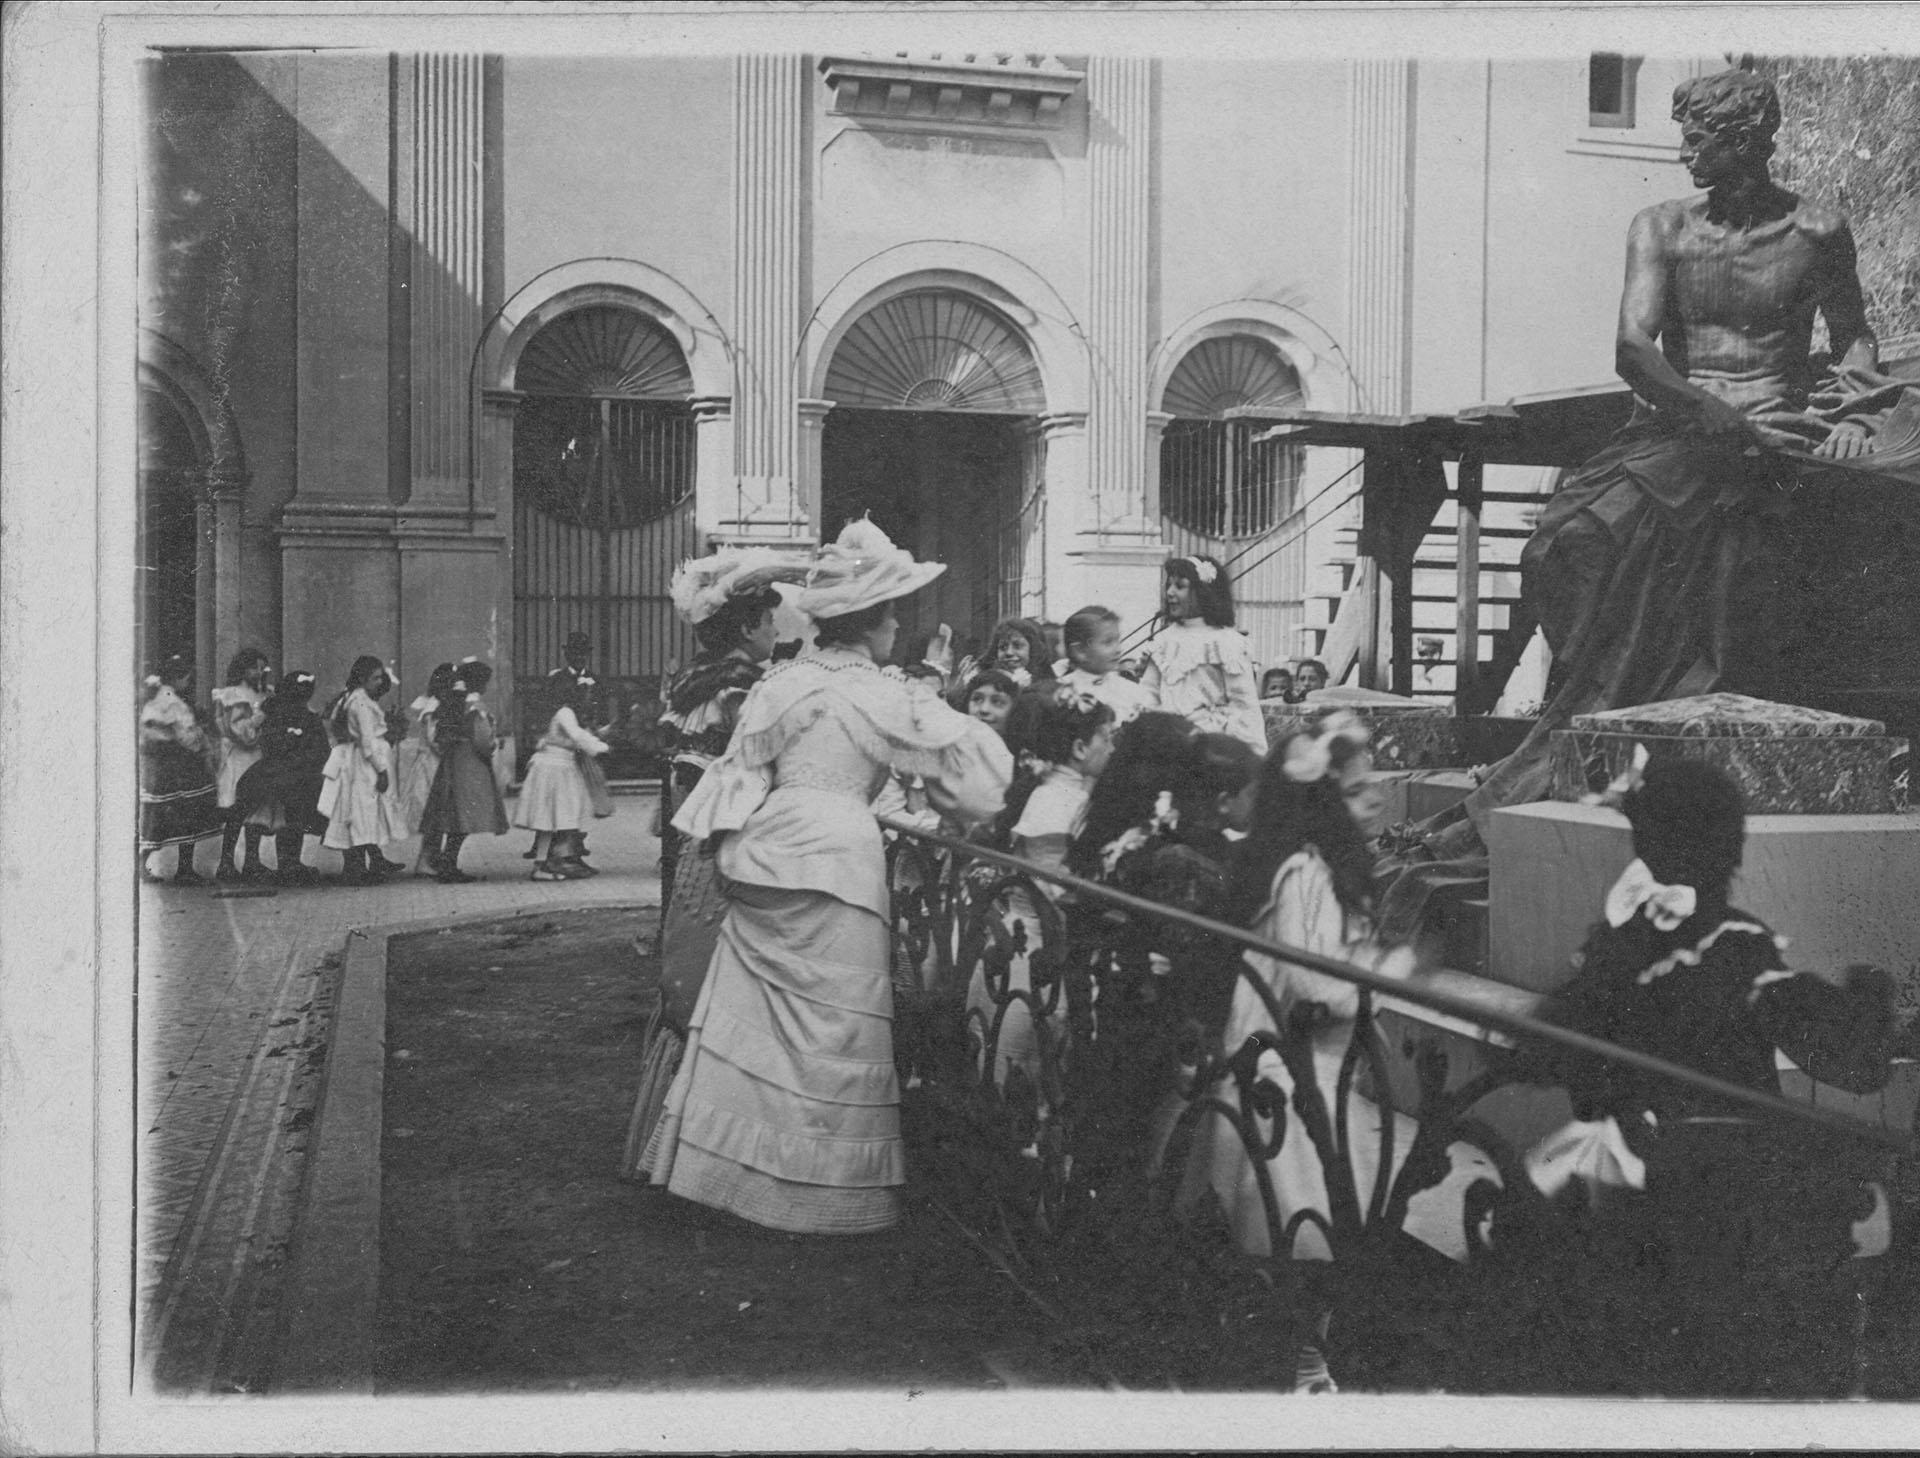 Niños visitando el Mausoleo de Belgrano en un aniversario de la batalla de Tucumán (Archivo General de la Nación)